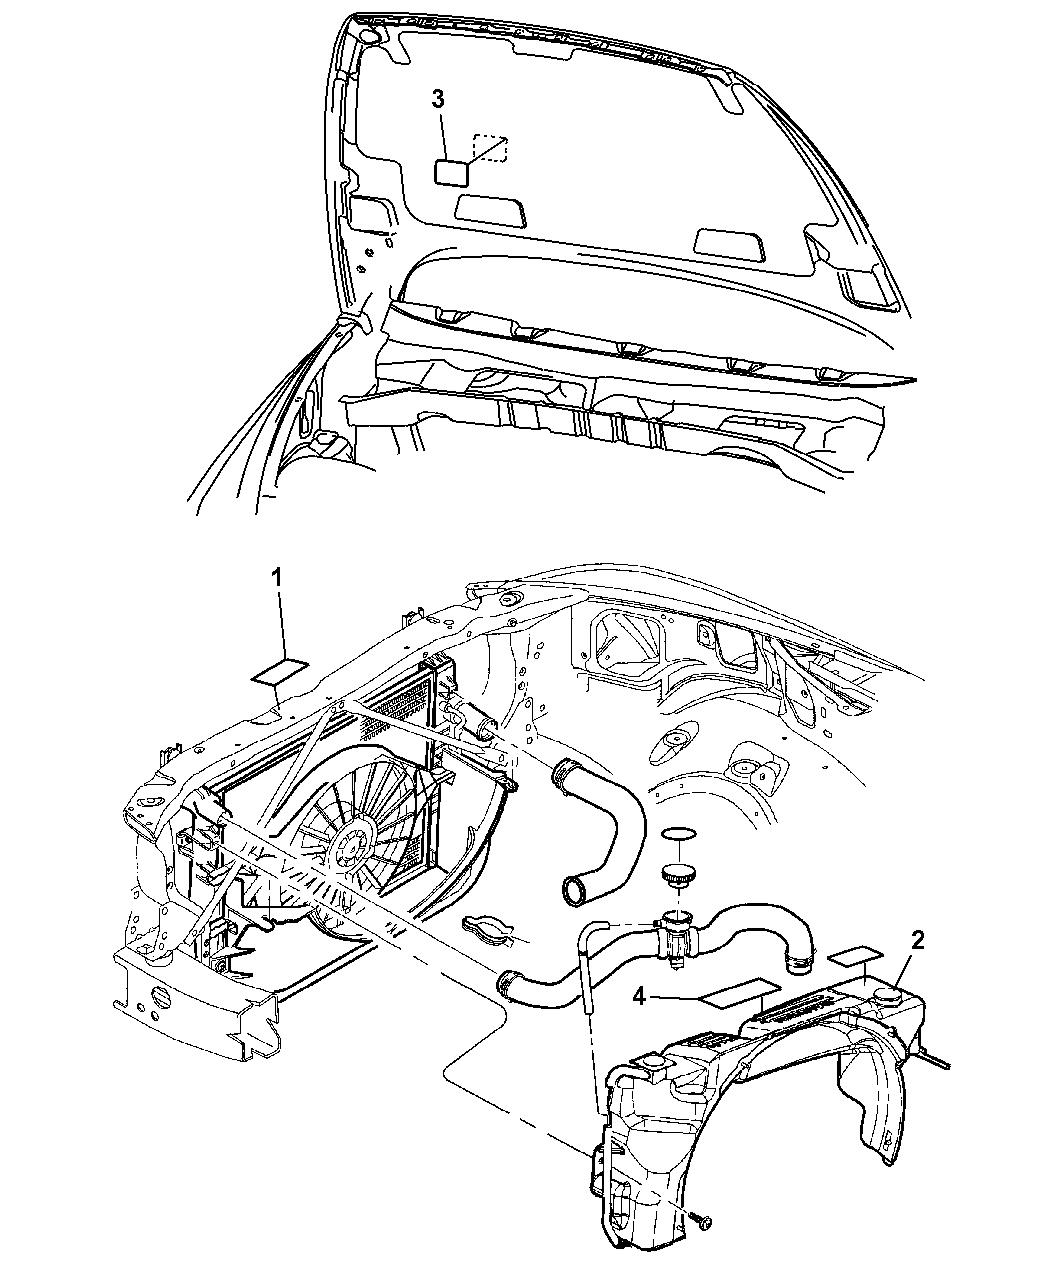 2005 dodge durango motor